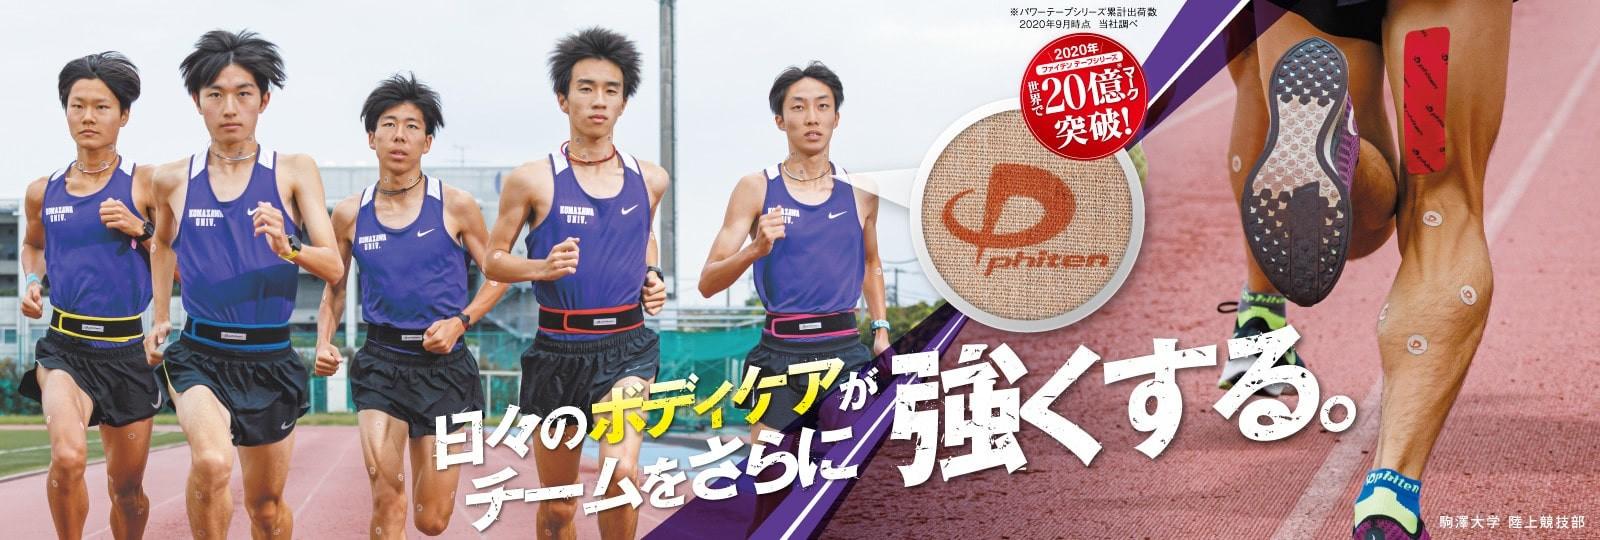 スポーツボディケア 駒澤大学 陸上競技部